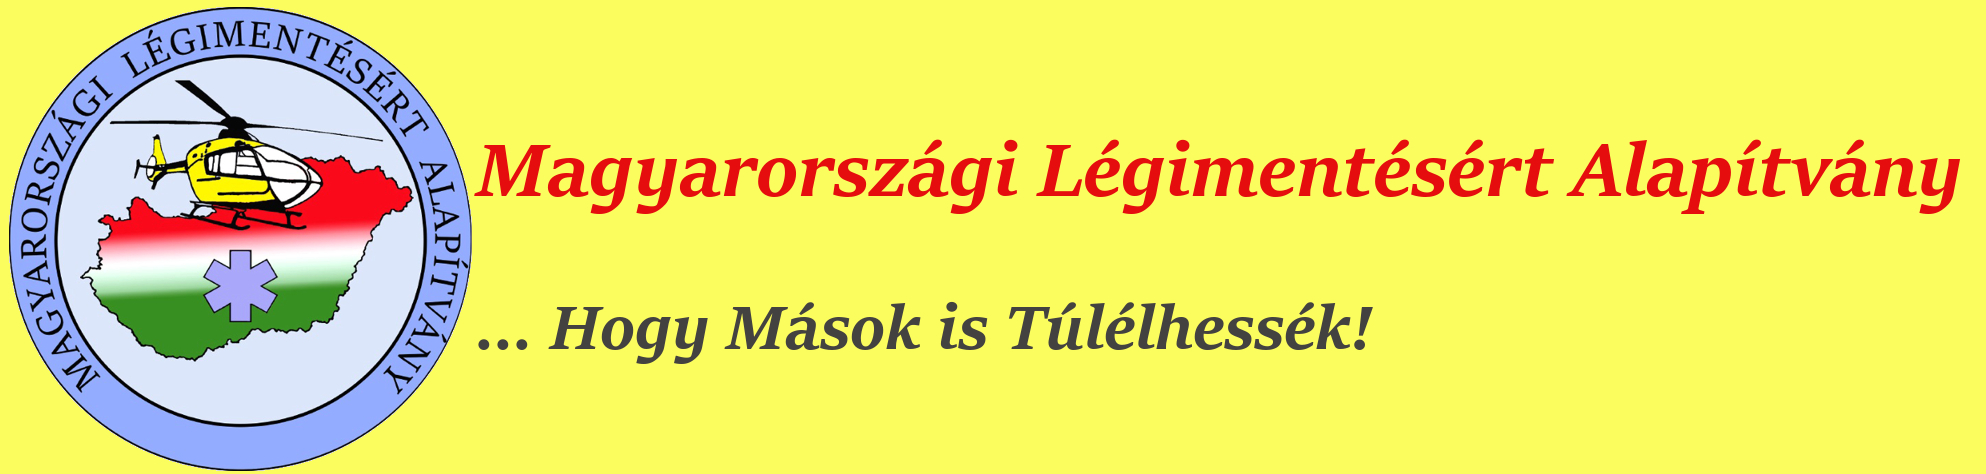 Magyarországi Légimentésért Alapítvány